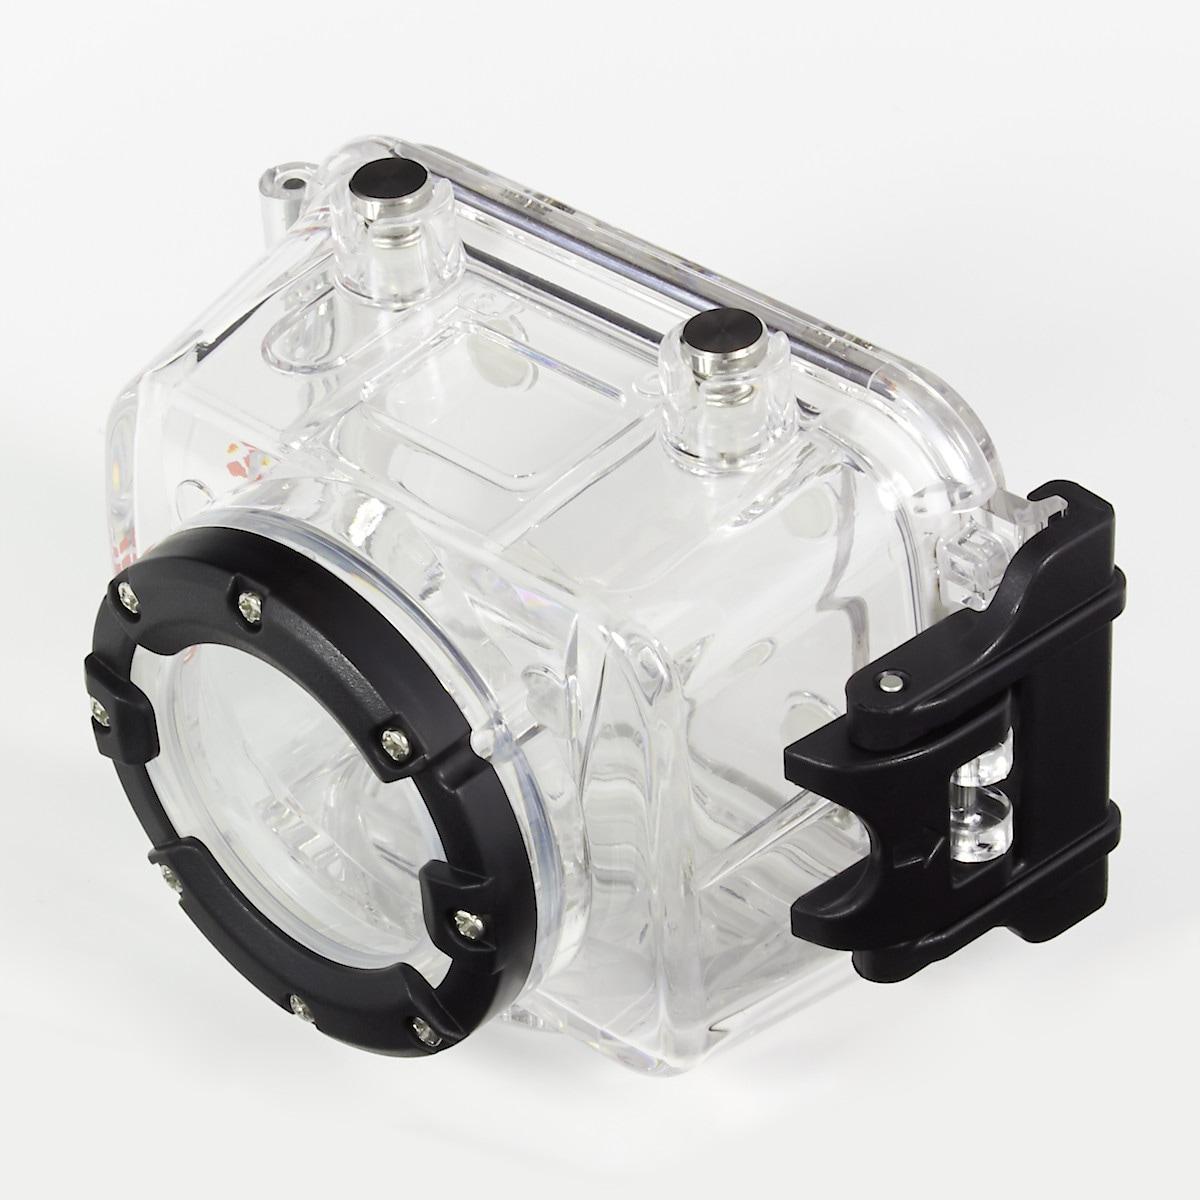 Schutzgehäuse AEE SD20